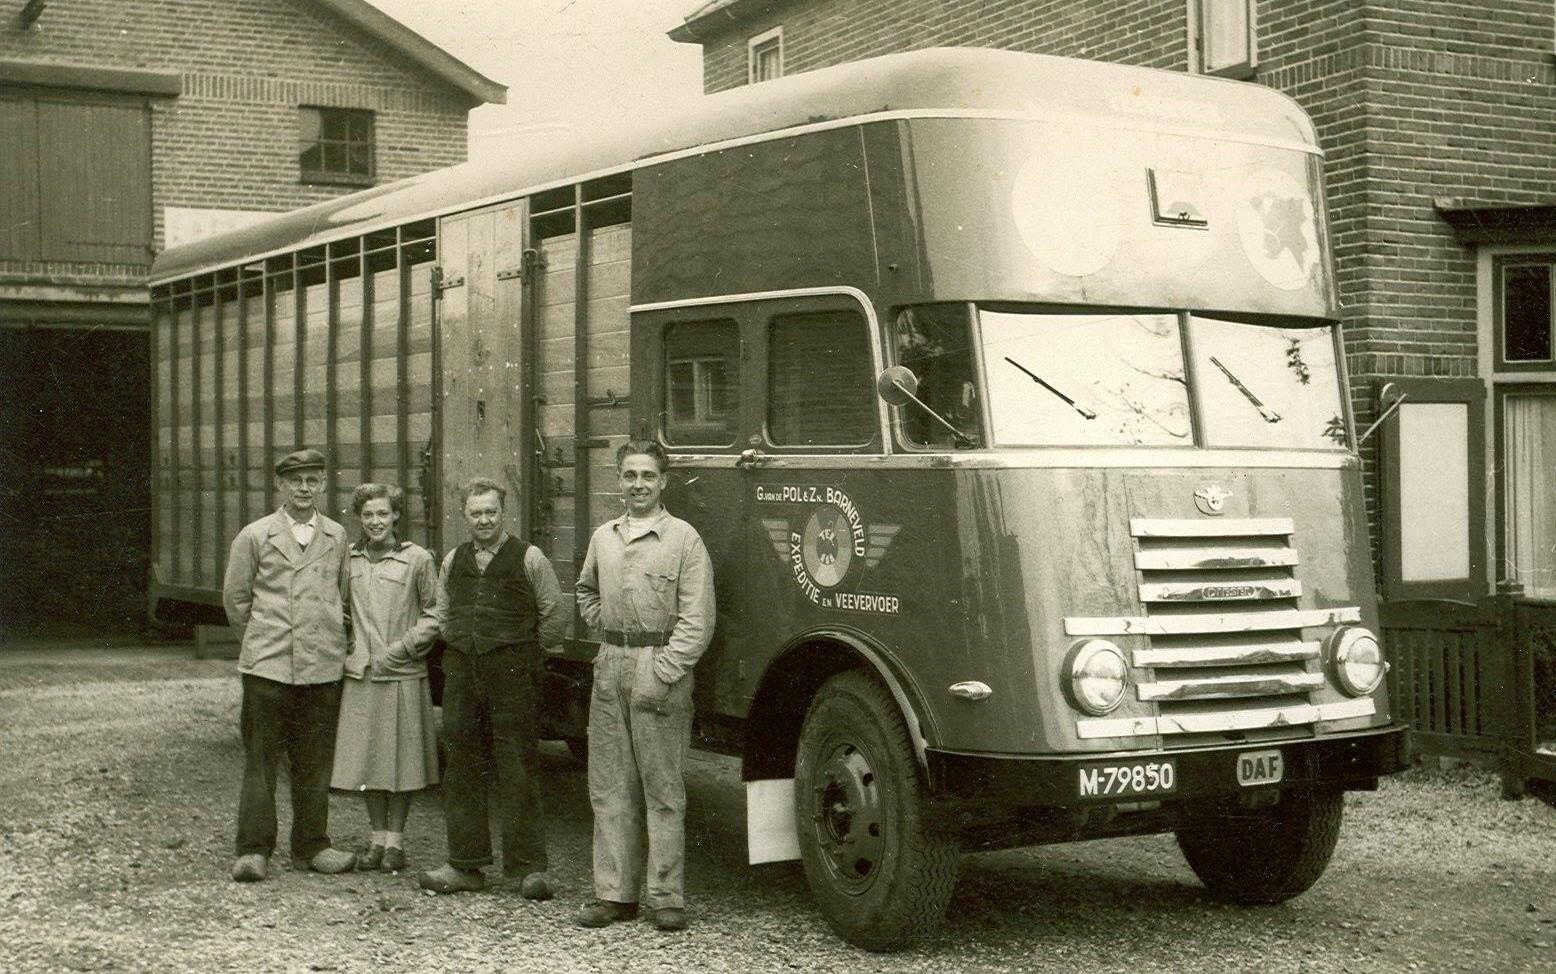 DAF-met--Rechts-de-bouwer-van-de-truck--v-Ravenhorst-2